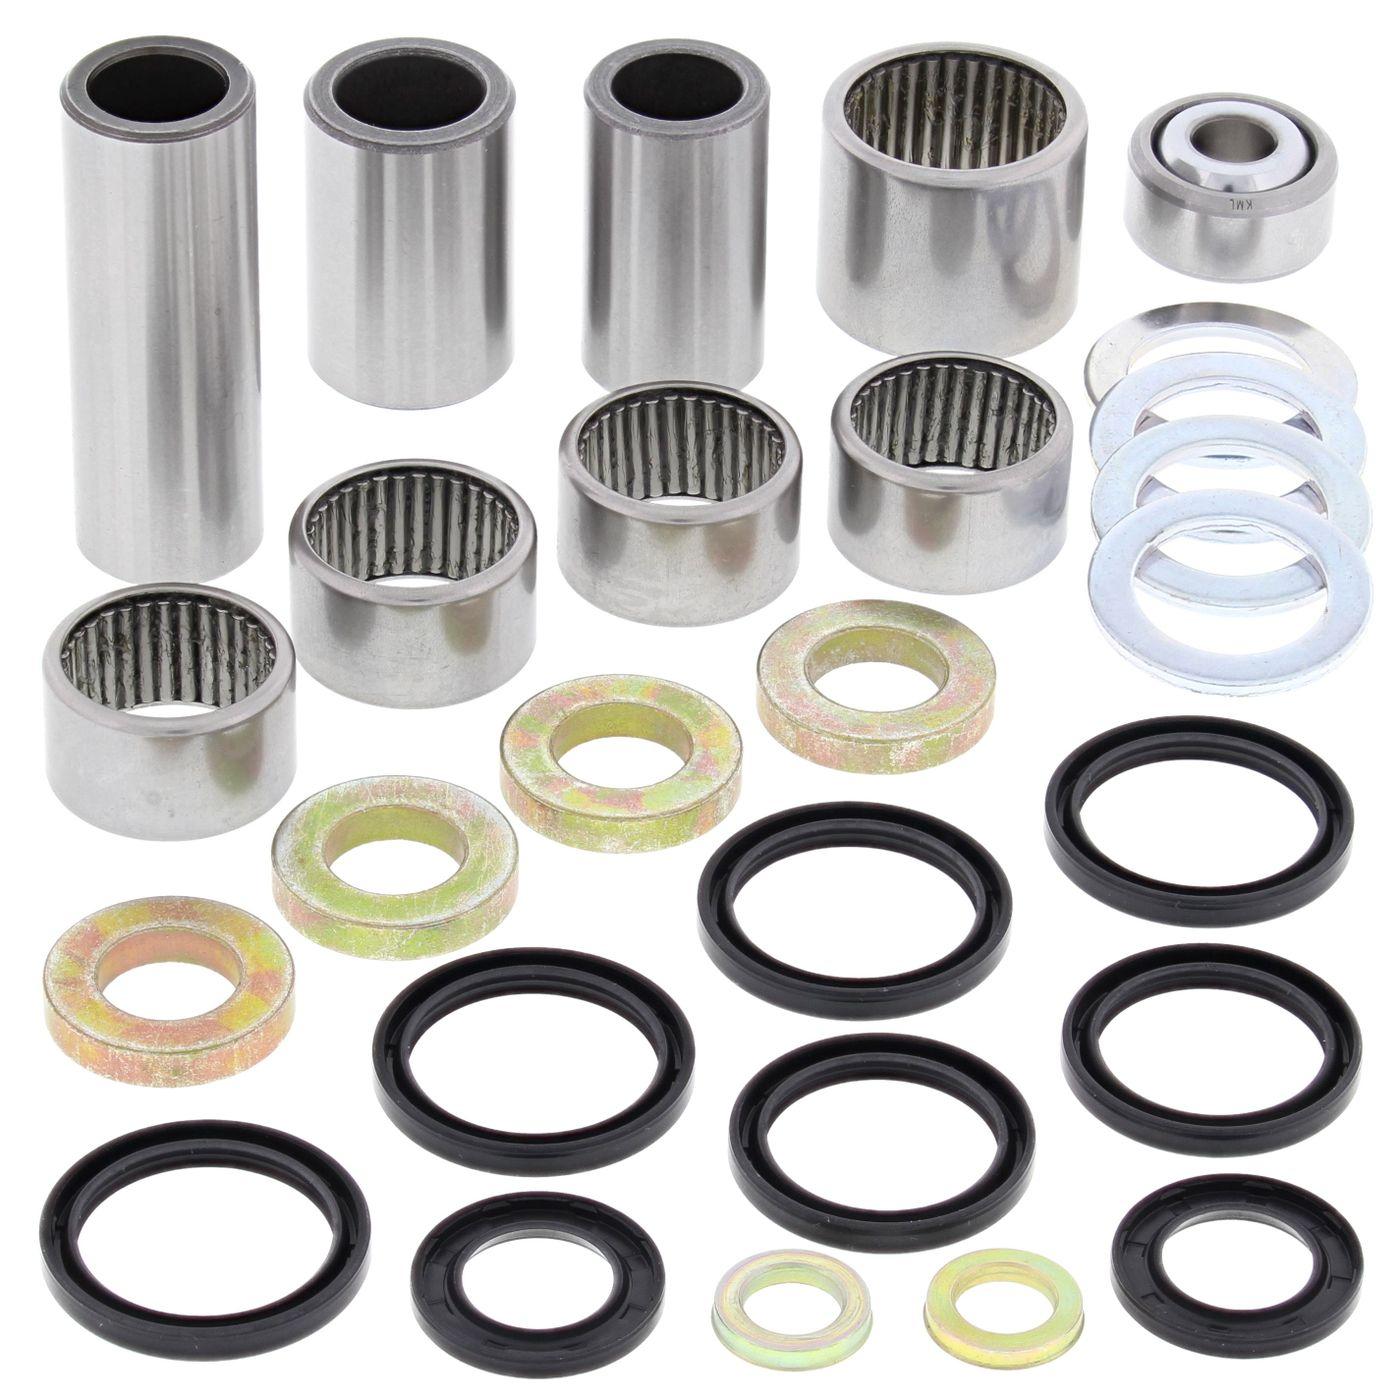 wrp shock linkage bearing kits - WRP271029 image